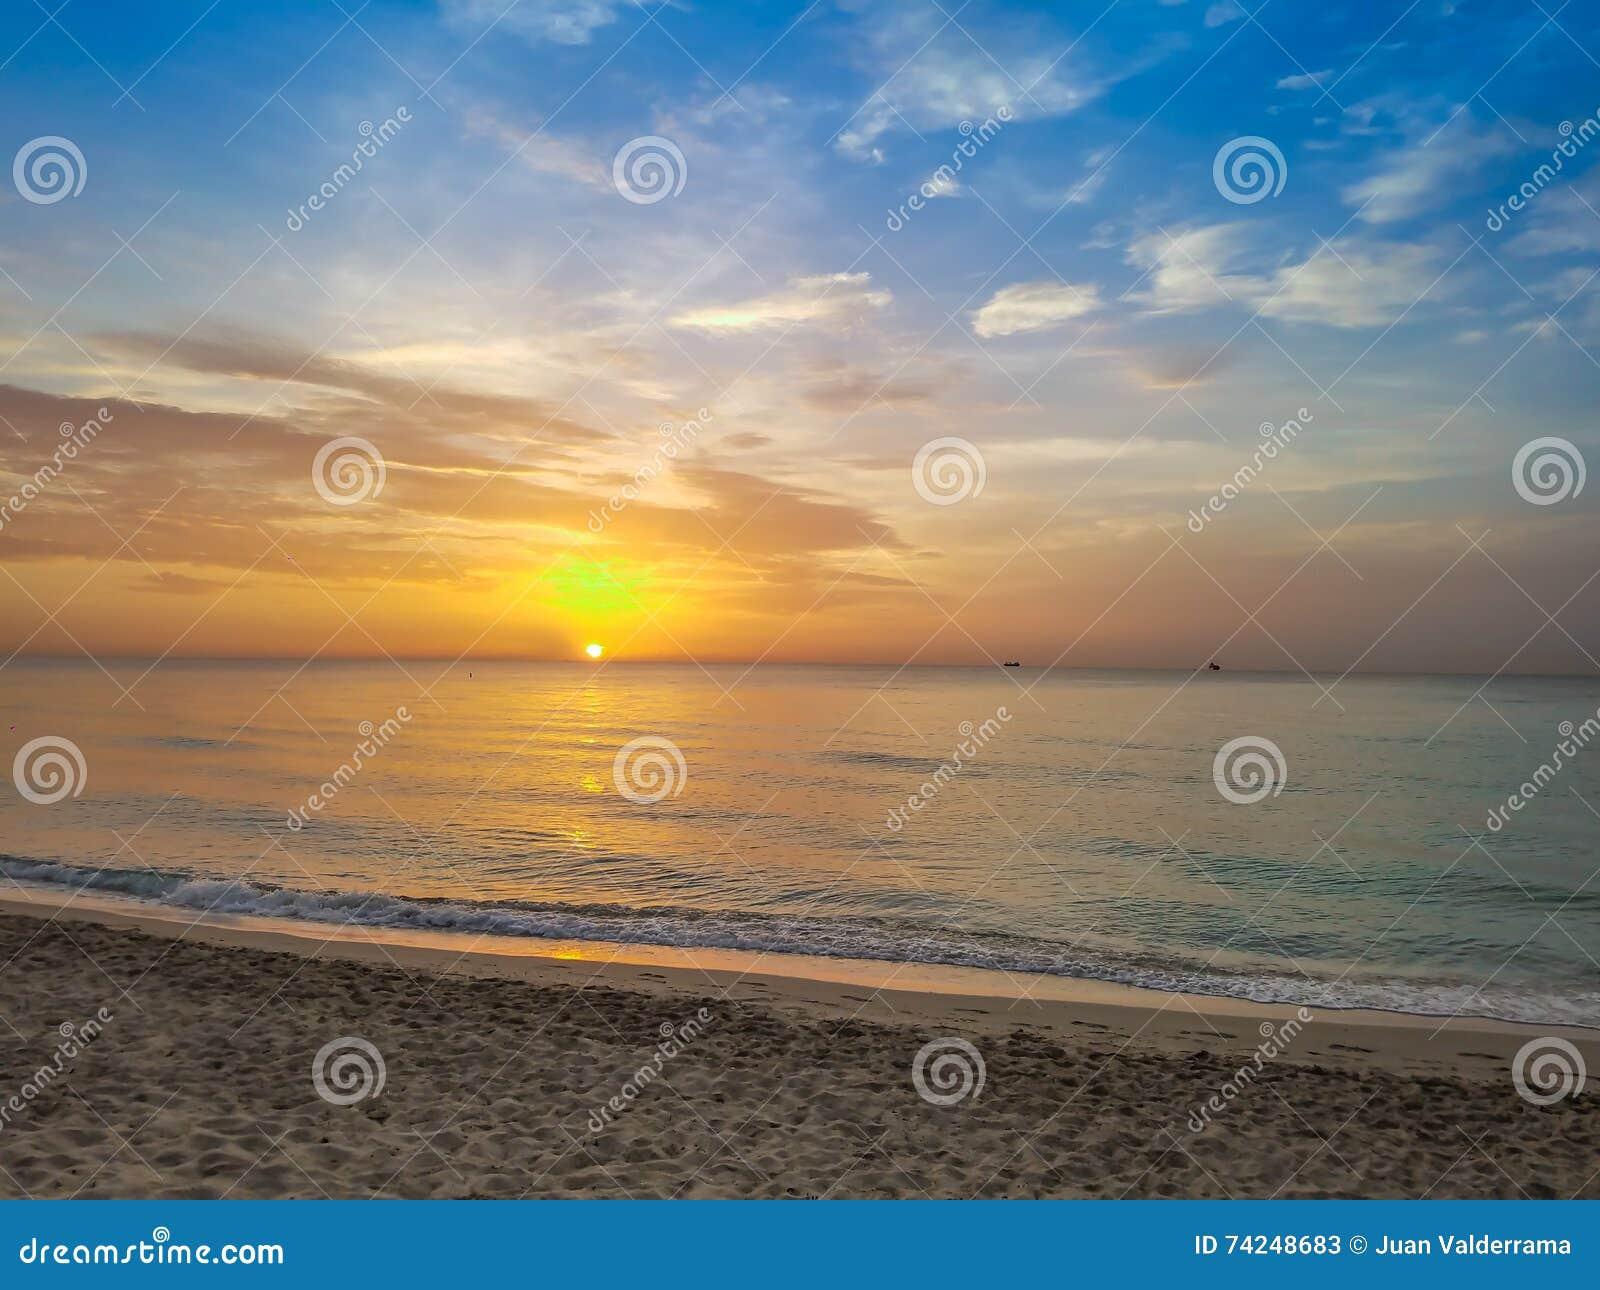 Ανατολή, ηλιοβασίλεμα, άμμος, καλοκαίρι, ωκεανός & ουρανός παραλιών